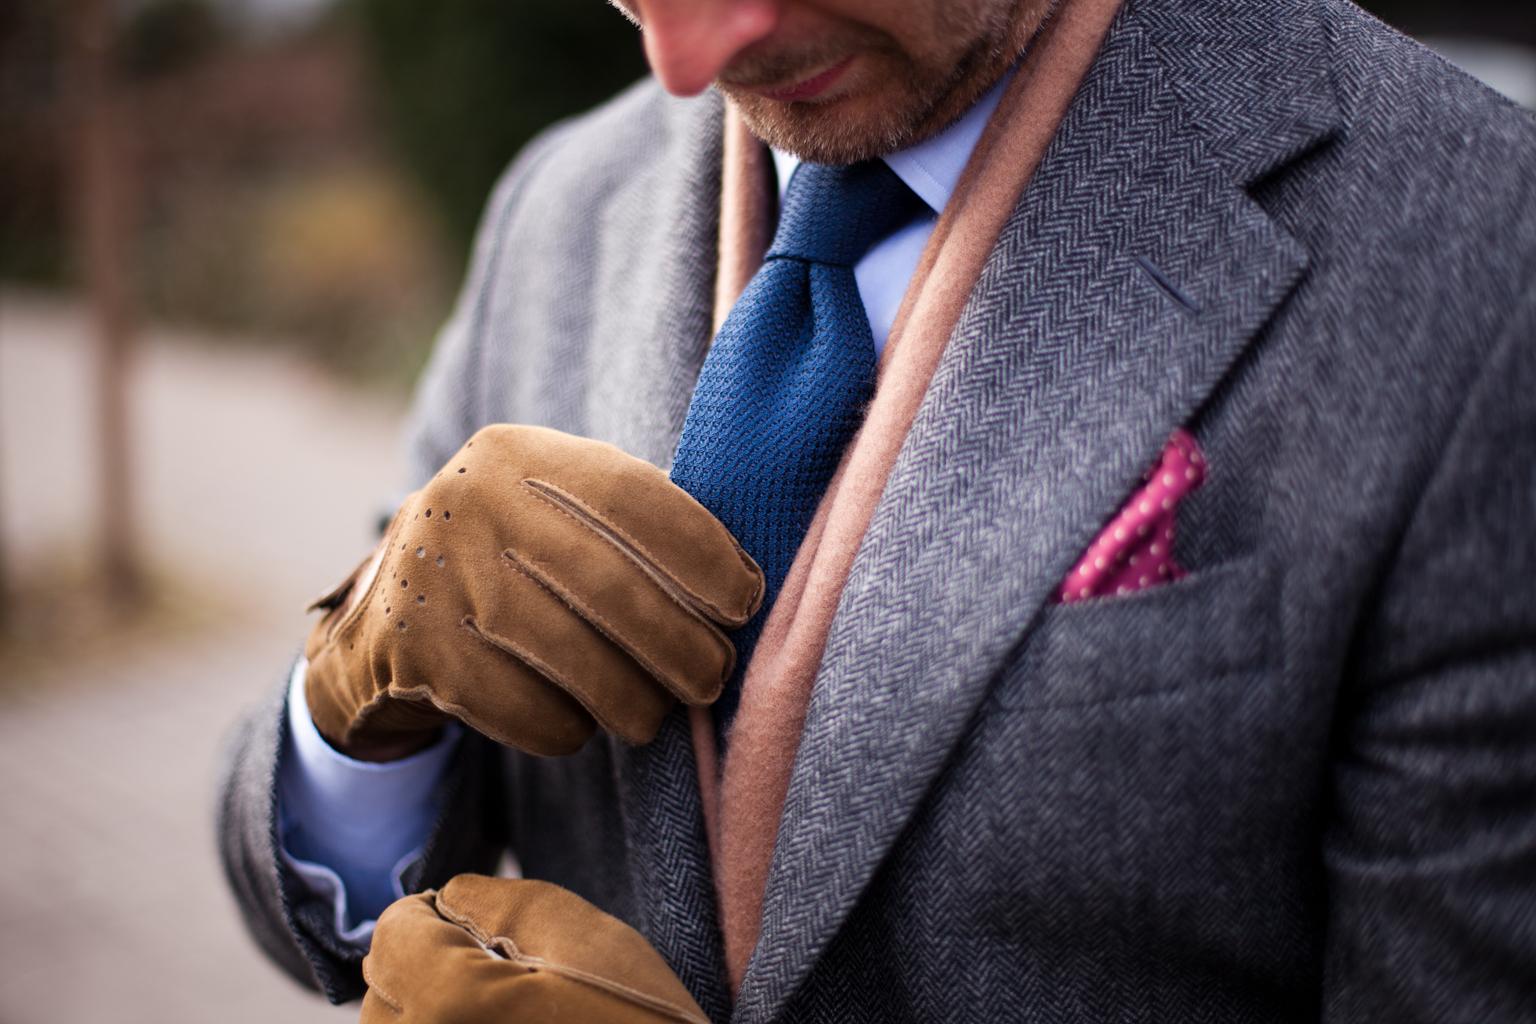 Vylaďte svůj outfit k dokonalosti a pořiďte si luxusní rukavice 5b80b92e84